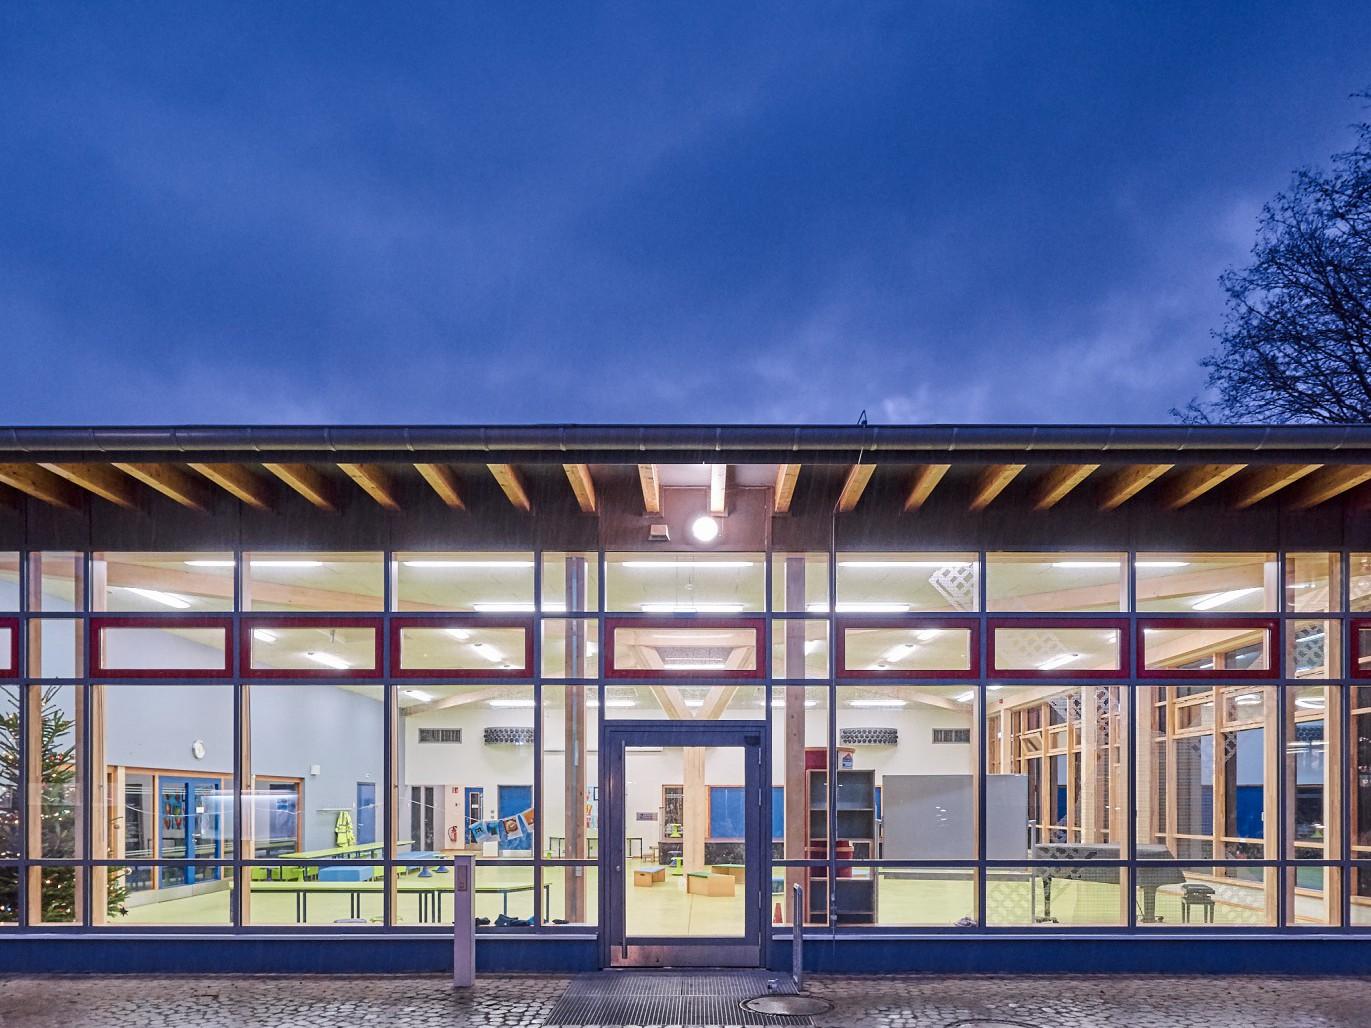 neubau-pausenhalle-gebaeudesanierung-schule-windmuehlenweg-frontalansicht